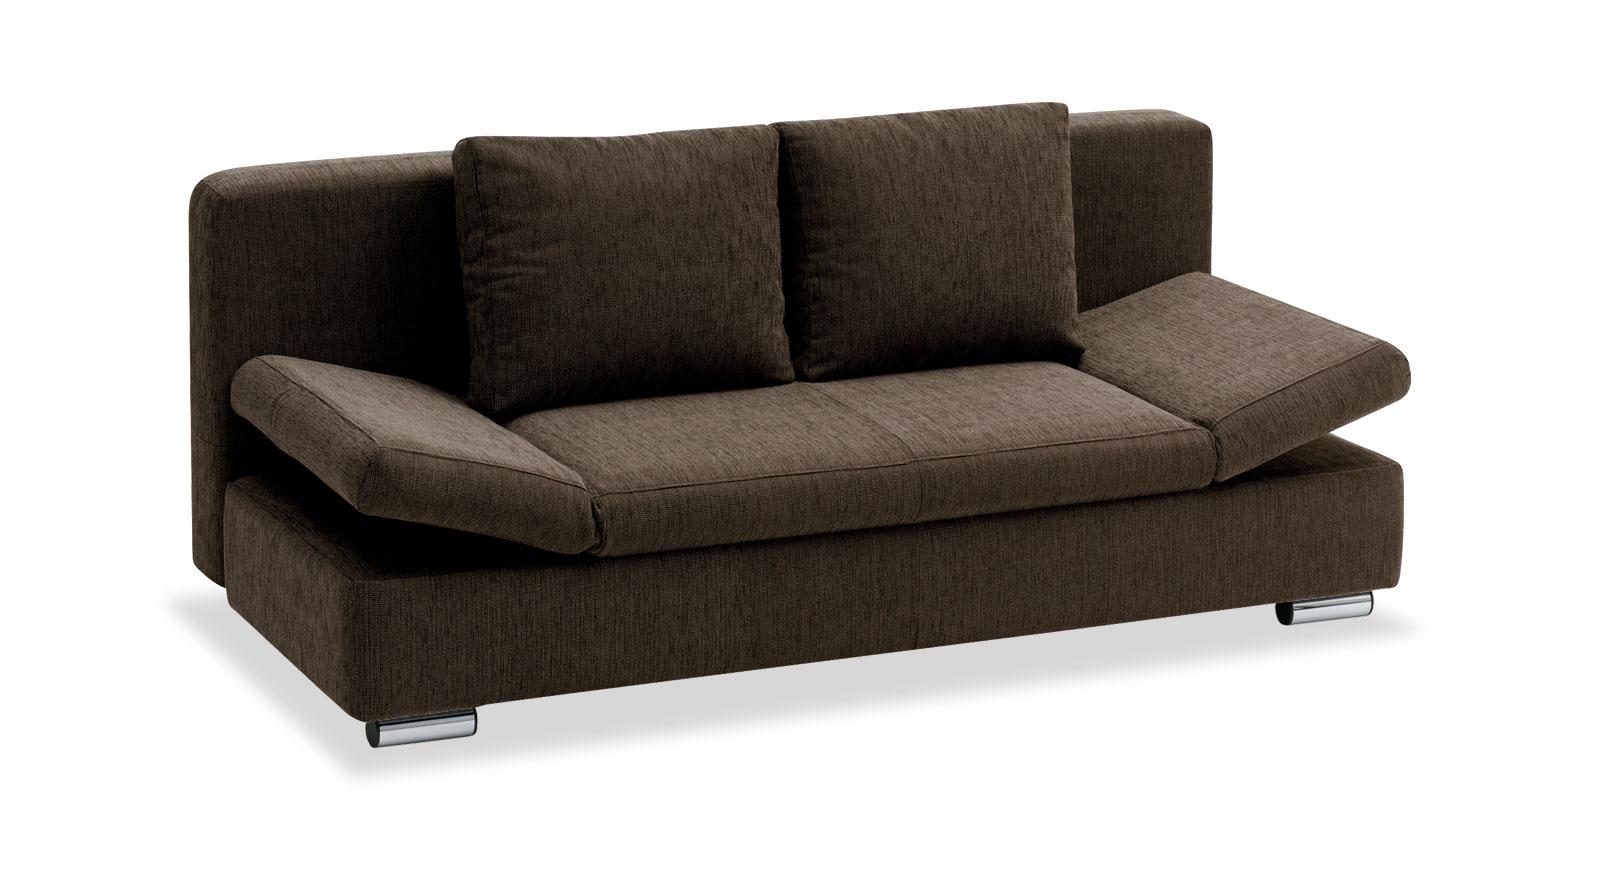 schlafsofa 2 sitzer schlafsofas online kaufen m bel. Black Bedroom Furniture Sets. Home Design Ideas